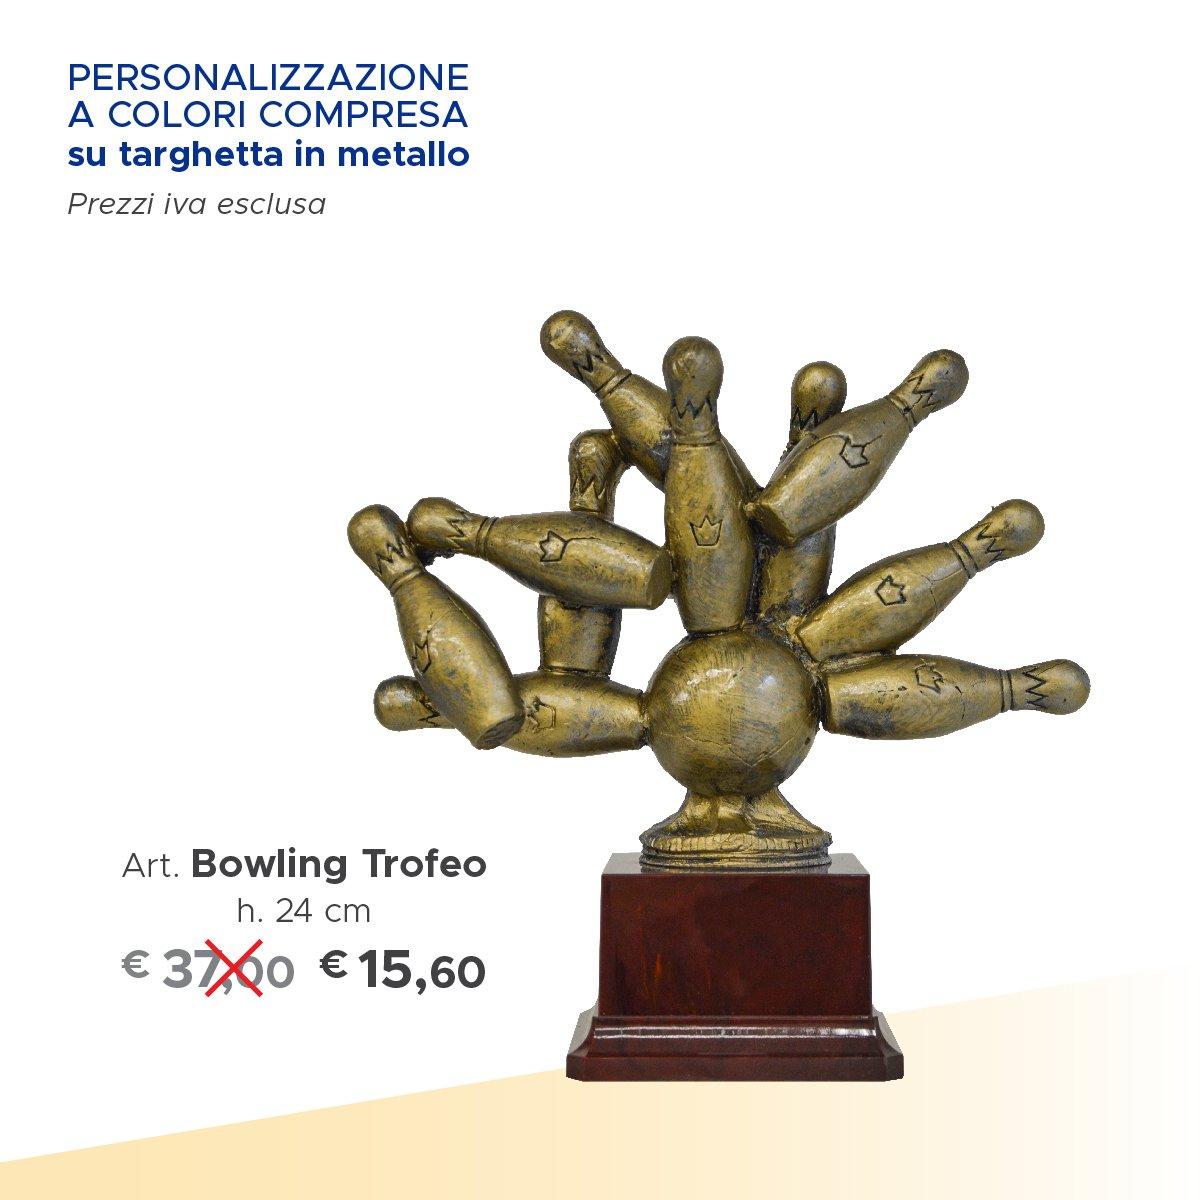 un trofeo di bowling e accanto il prezzo